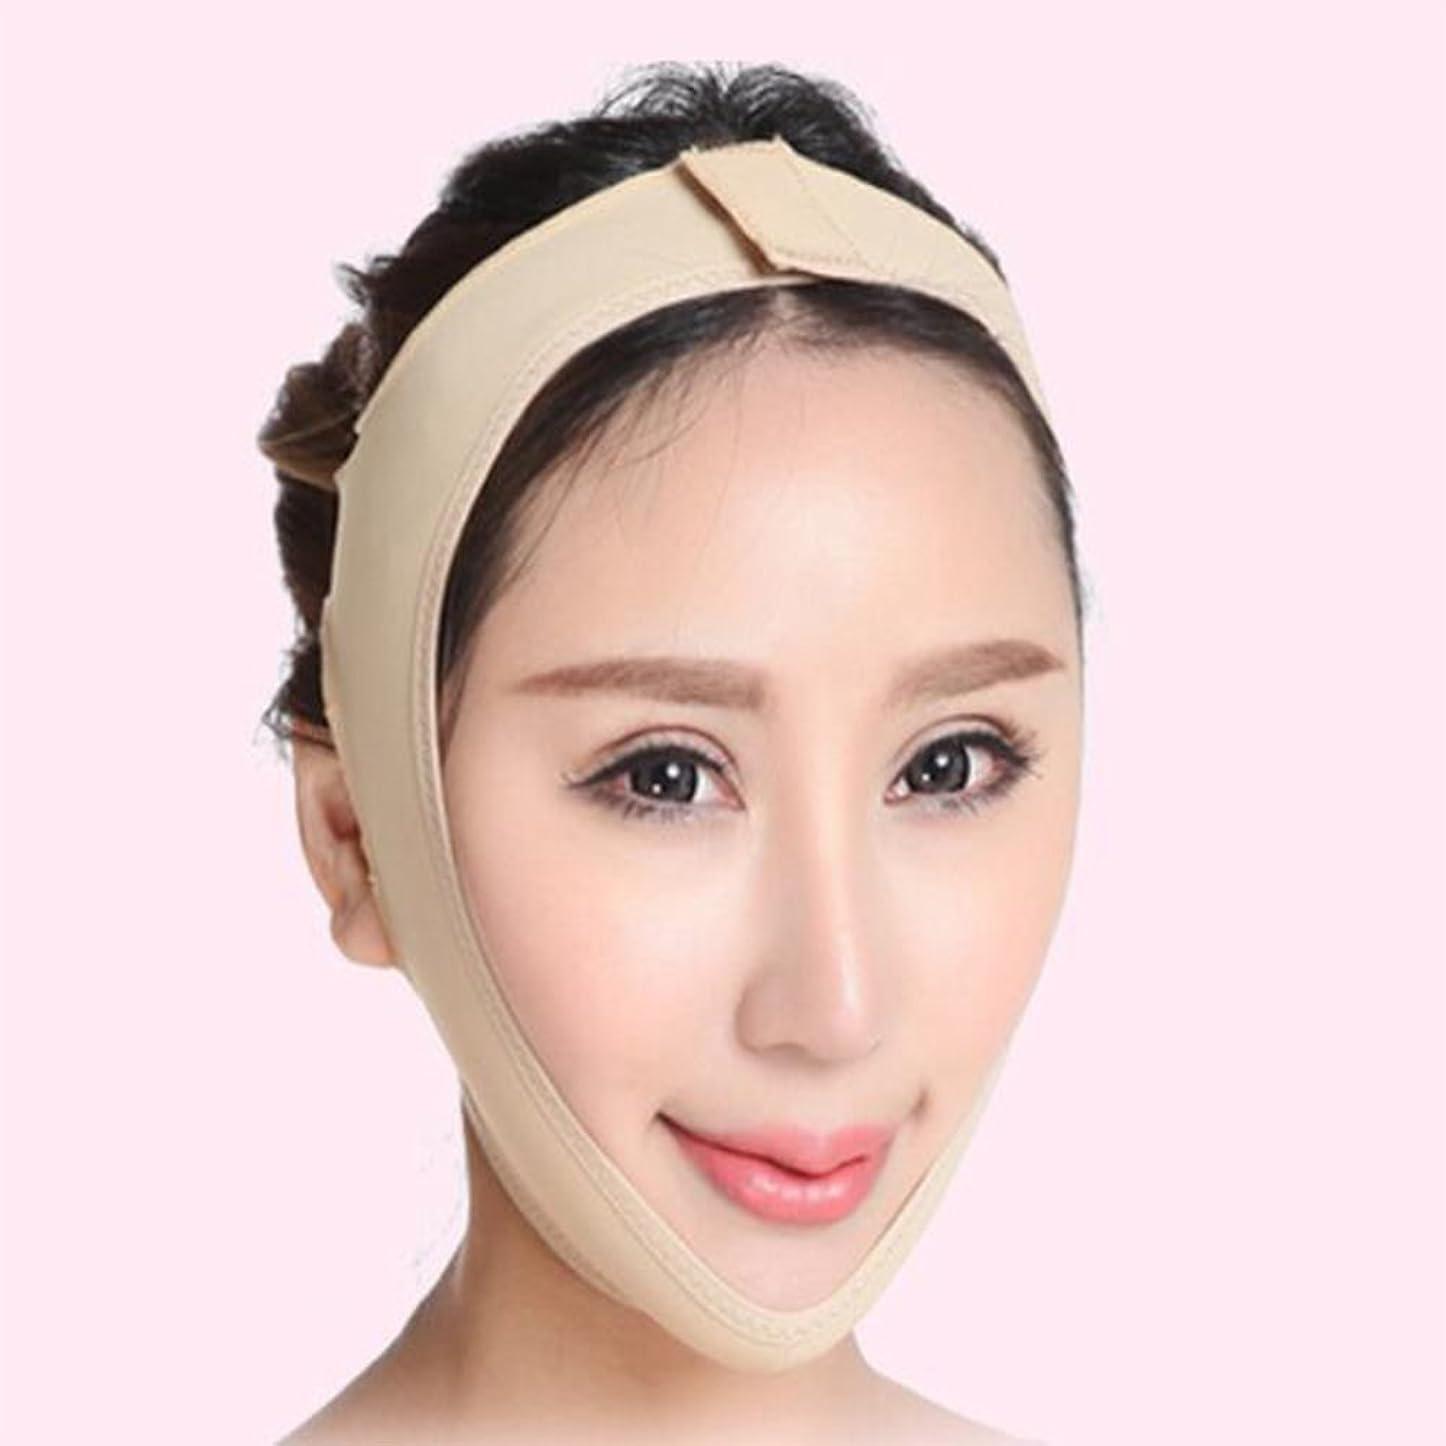 ファシズム感嘆符バックSD 小顔 小顔マスク リフトアップ マスク フェイスライン 矯正 あご シャープ メンズ レディース Mサイズ AZD15003-M